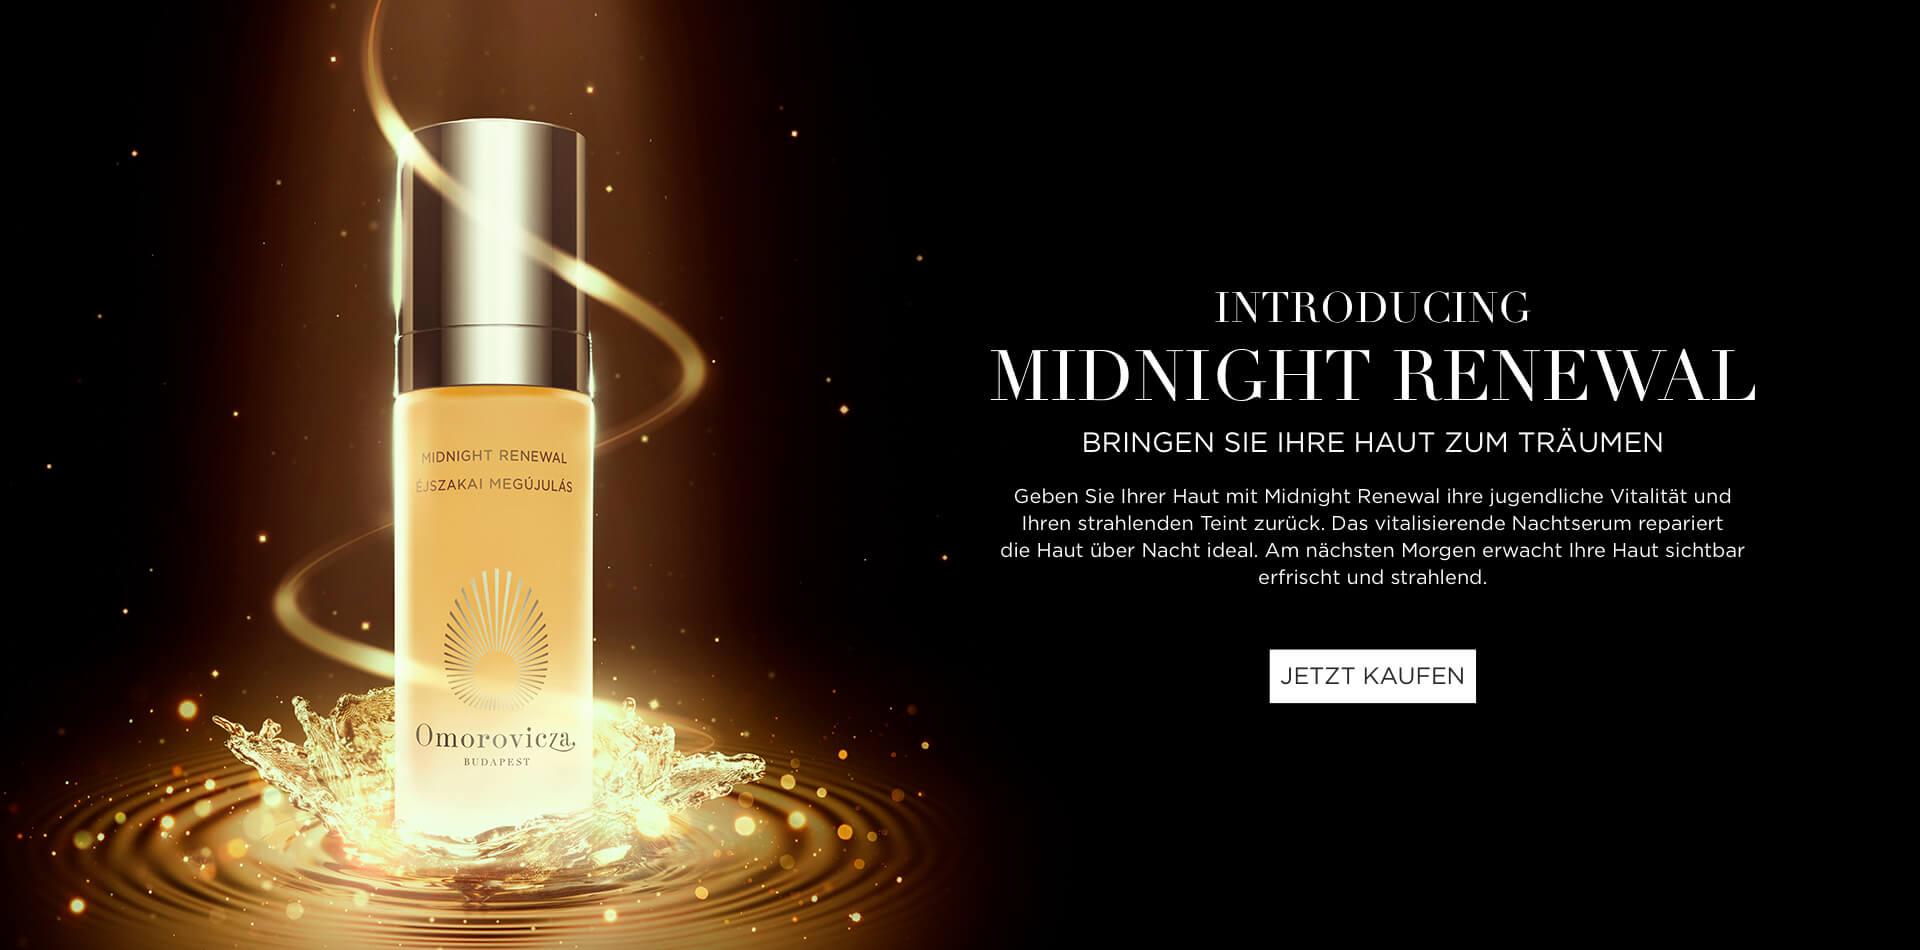 Introducing Midnight Renewal. Bringen Sie Ihre Haut zum Träumen. Geben Sie Ihrer Haut mit Midnight Renewal ihre jugendliche Vitalität und Ihren strahlenden Teint zurück. Das vitalisierende Nachtserum repariert die Haut über Nacht ideal. Am nächsten Morgen erwacht Ihre Haut sichtbar erfrischt und strahlend.